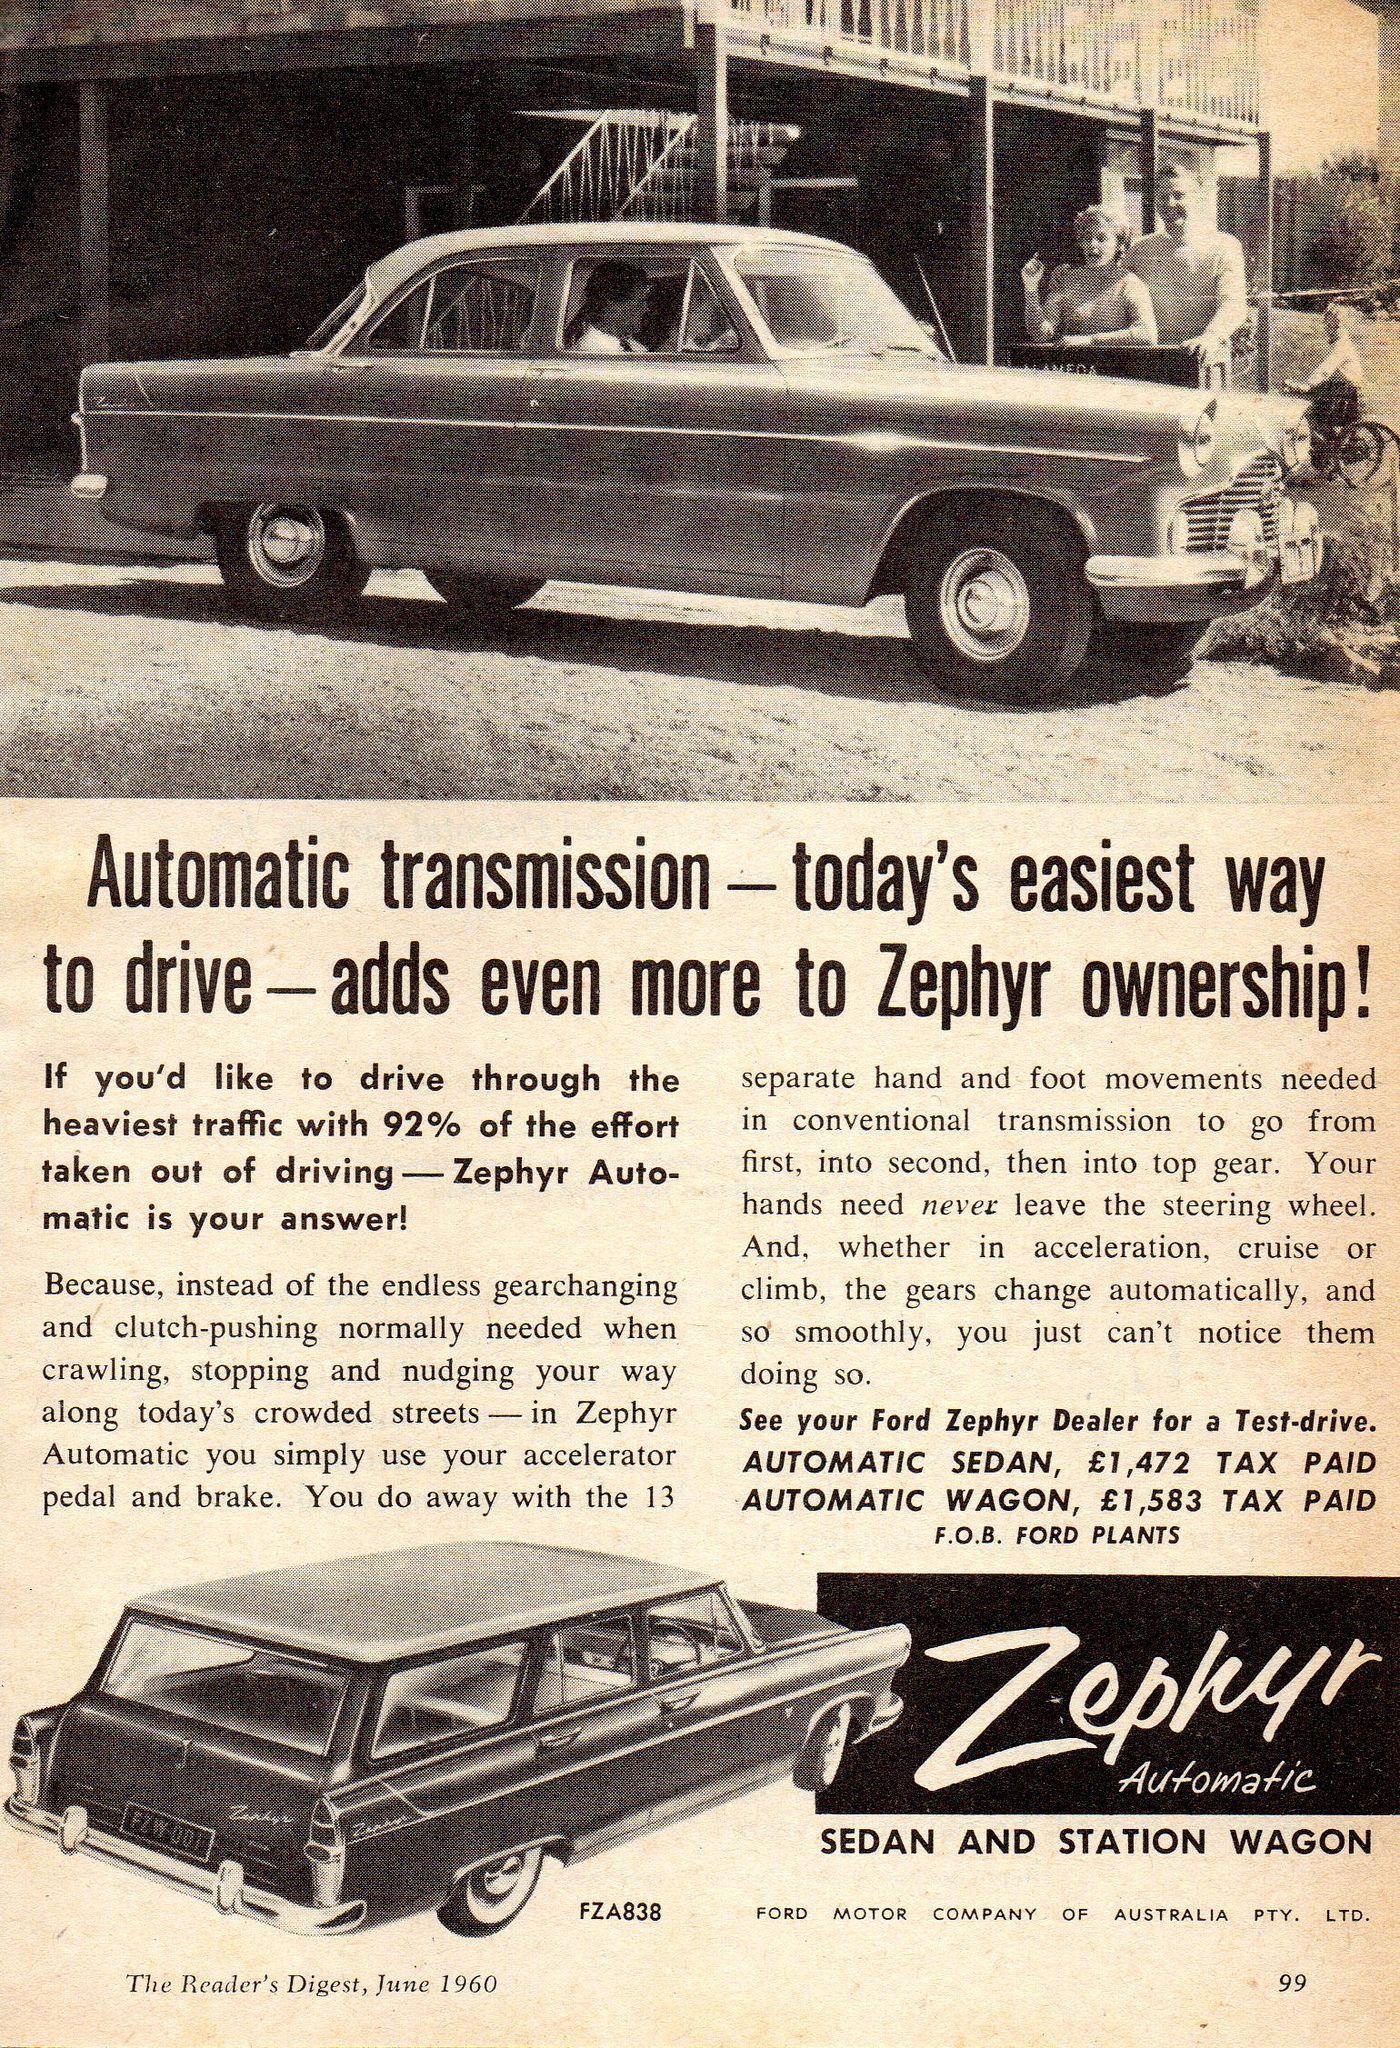 1960 Ford Zephyr Automatic Sedan Wagon Aussie Original Mgazine